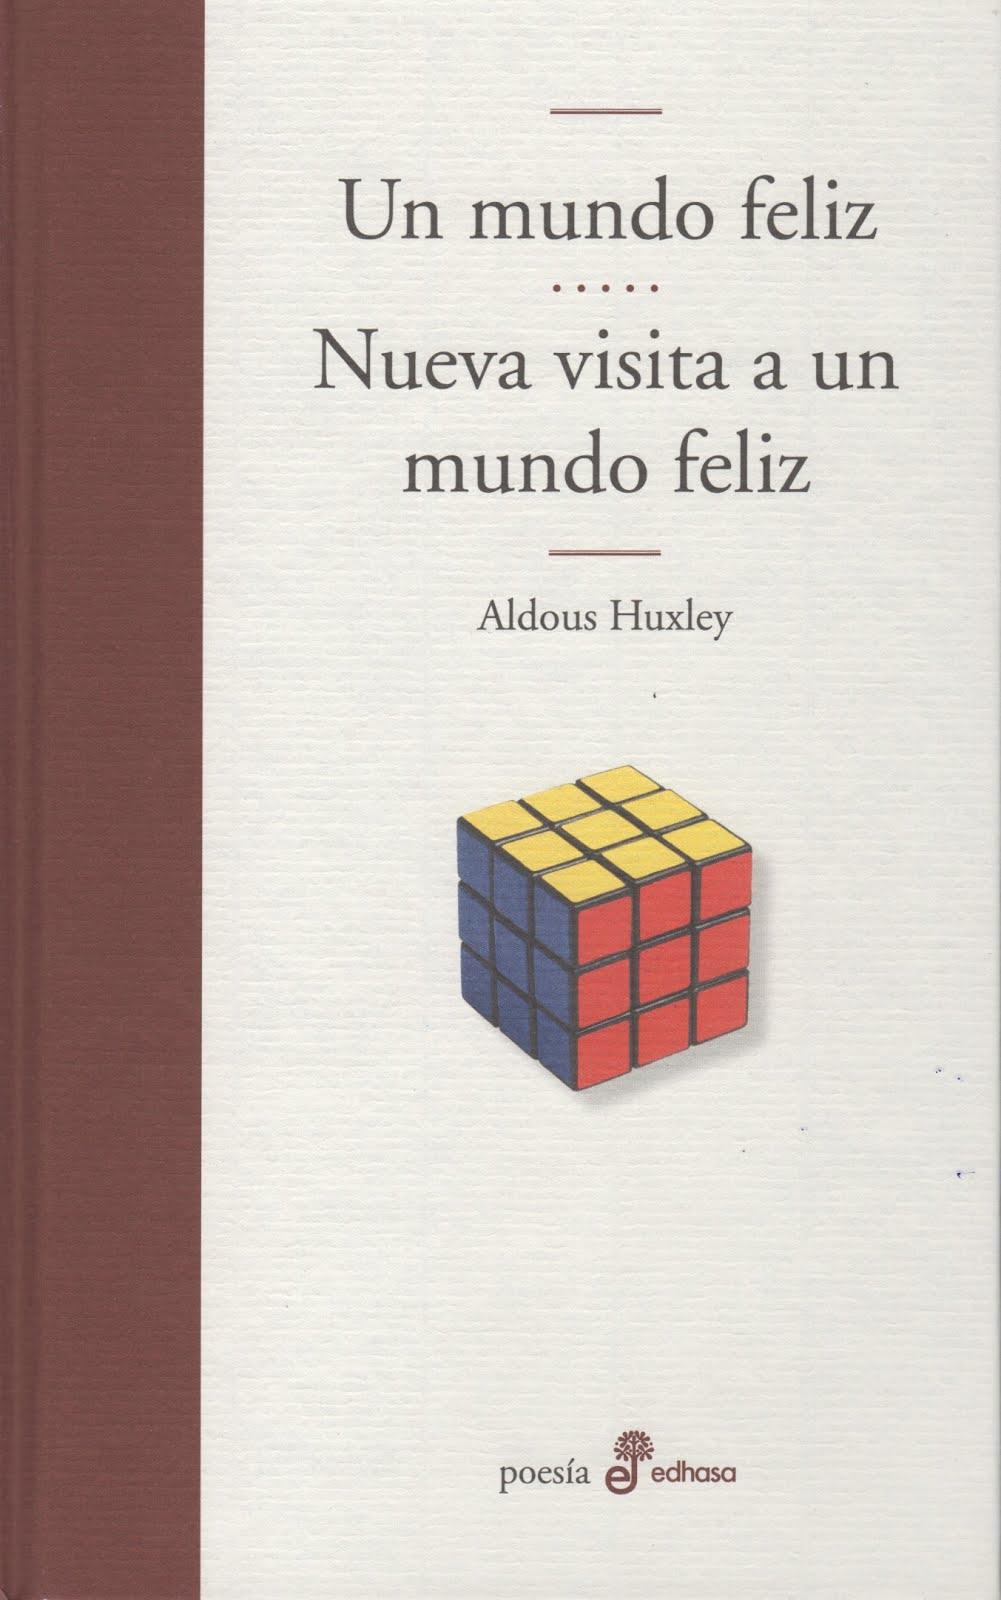 Aldous Huxley (Un mundo feliz y Nueva visita a un mundo feliz)